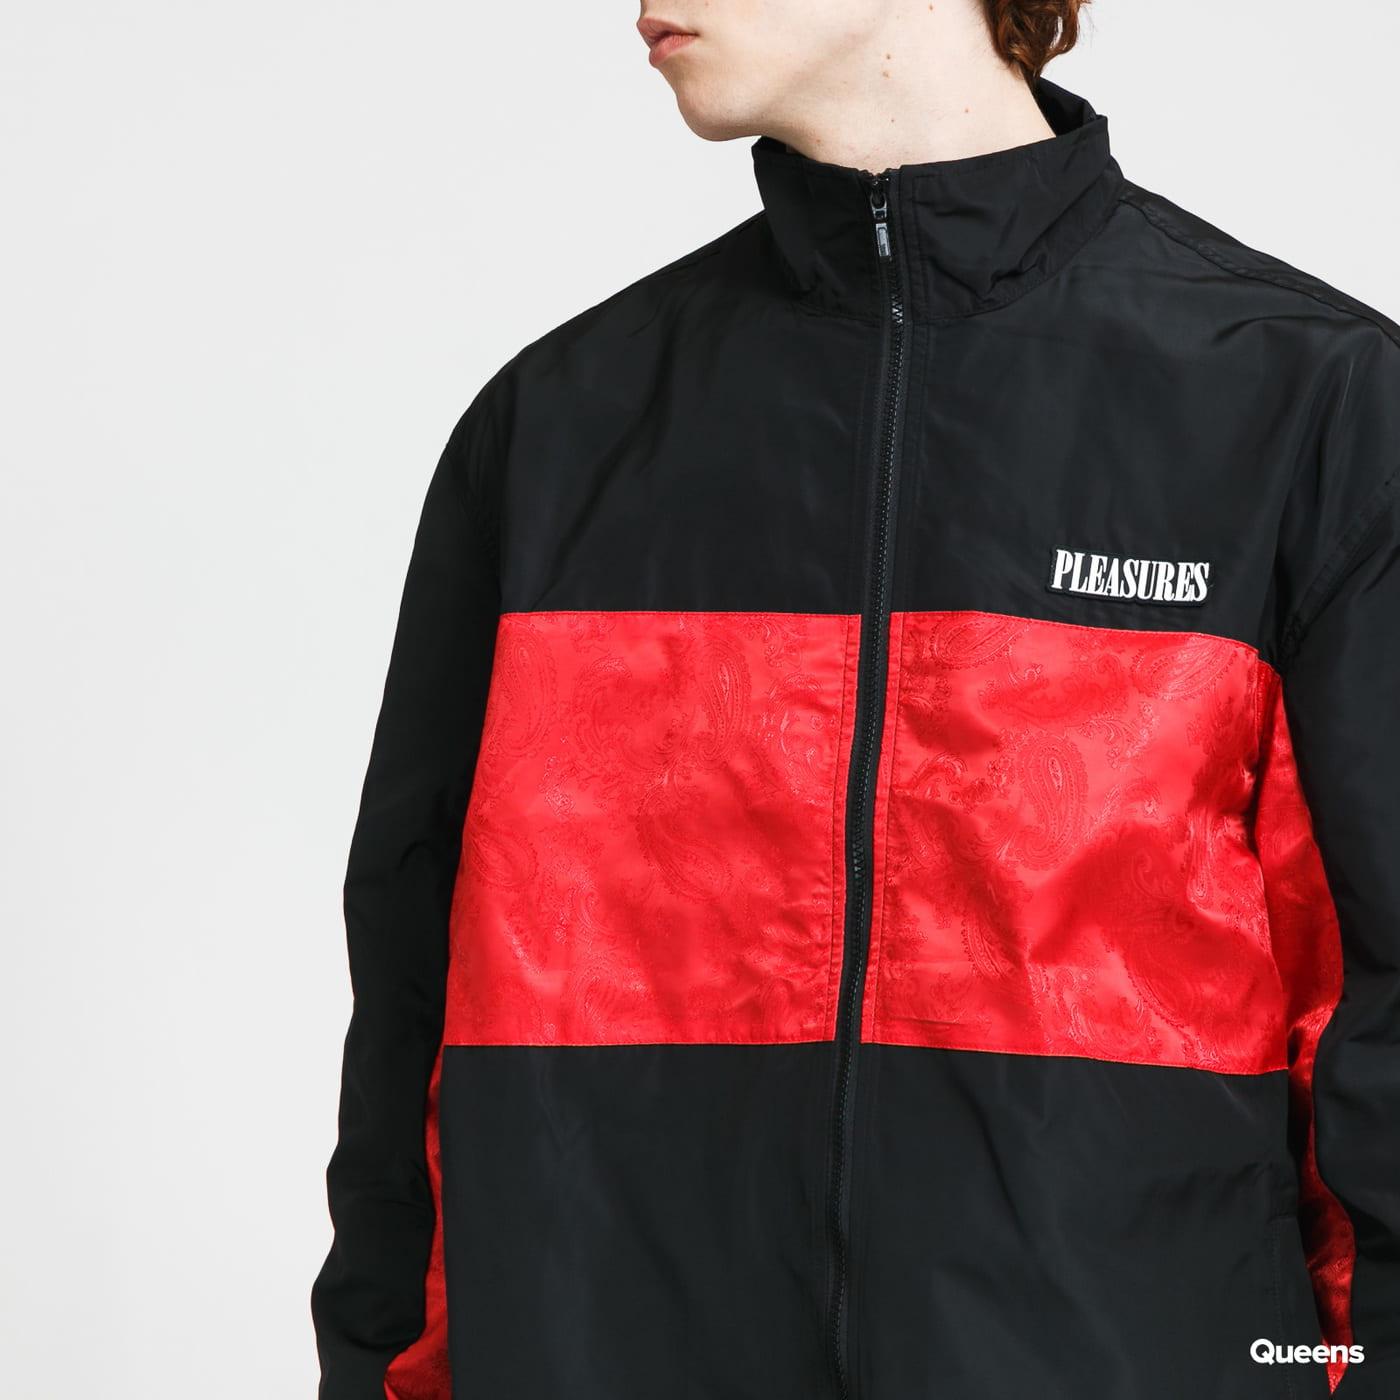 PLEASURES Blast Track Jacket black